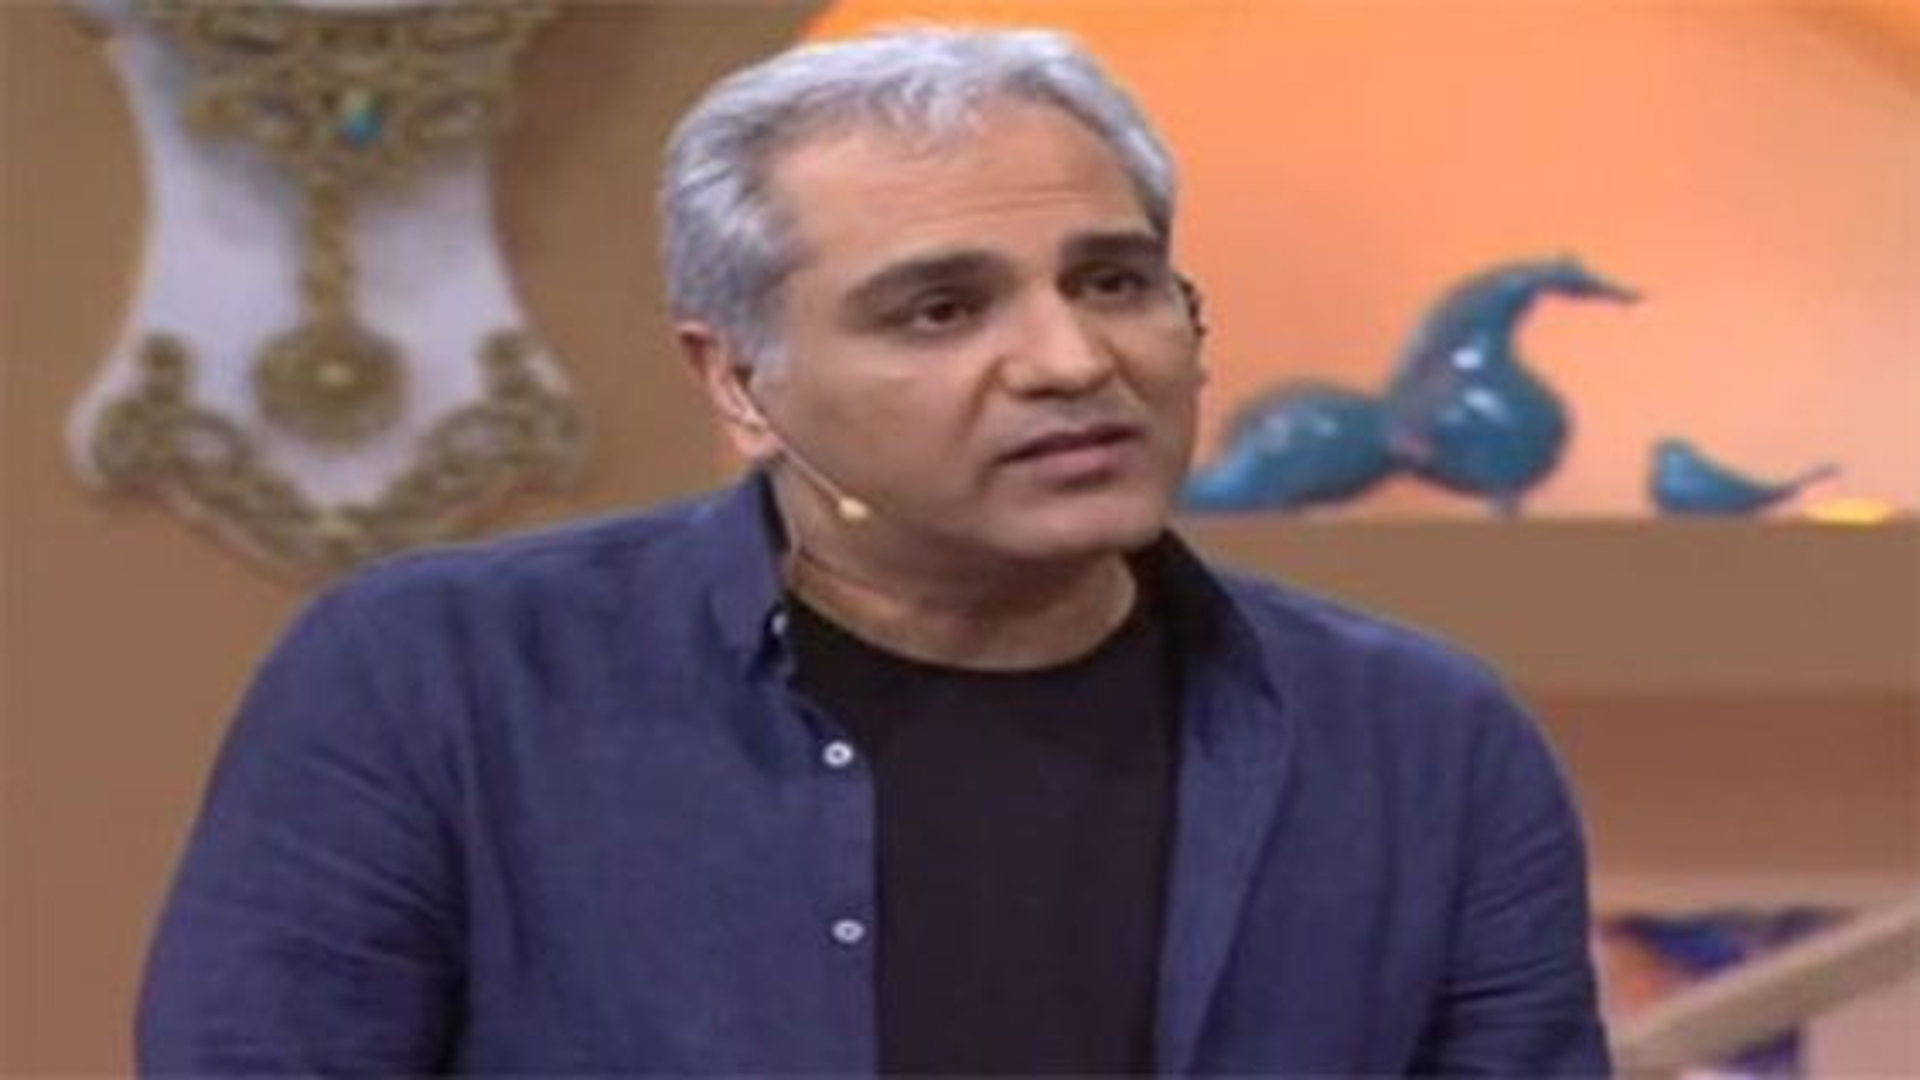 استندآپ کمدی مهران مدیری در دورهمی با موضوع طلاق | فیلم